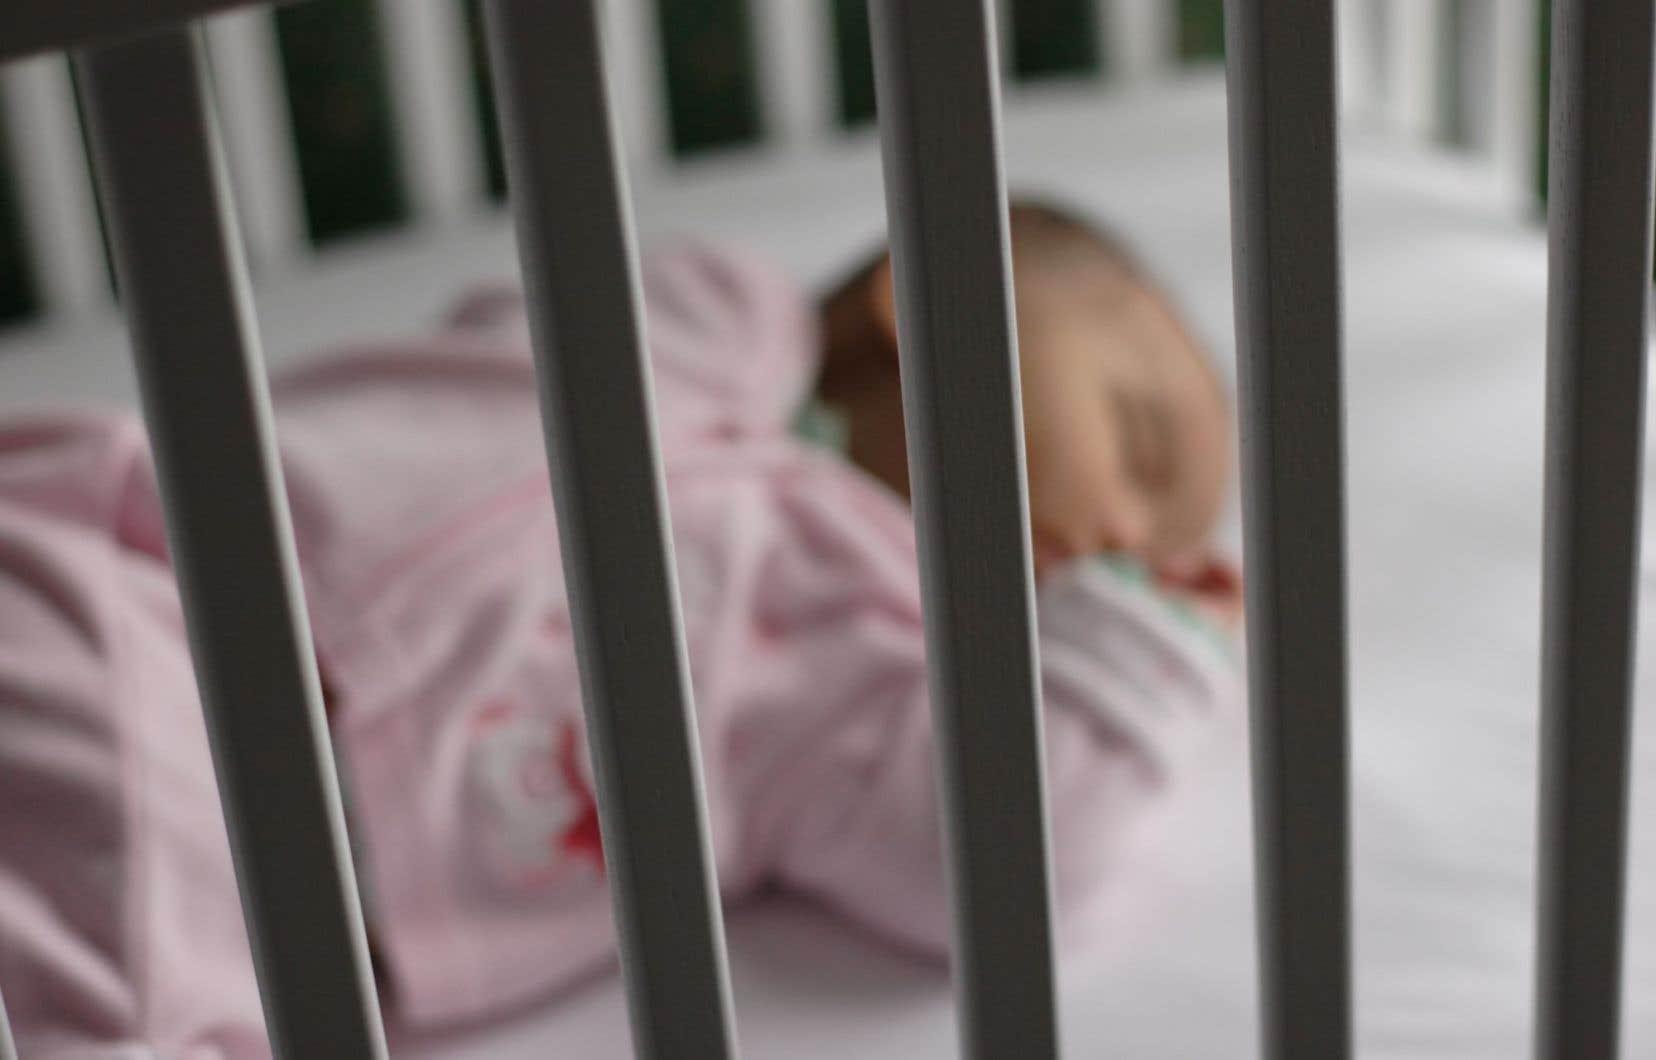 Le bébé, dont la cause du décès n'est pas encore connue, avait à peine plus de 20 mois.